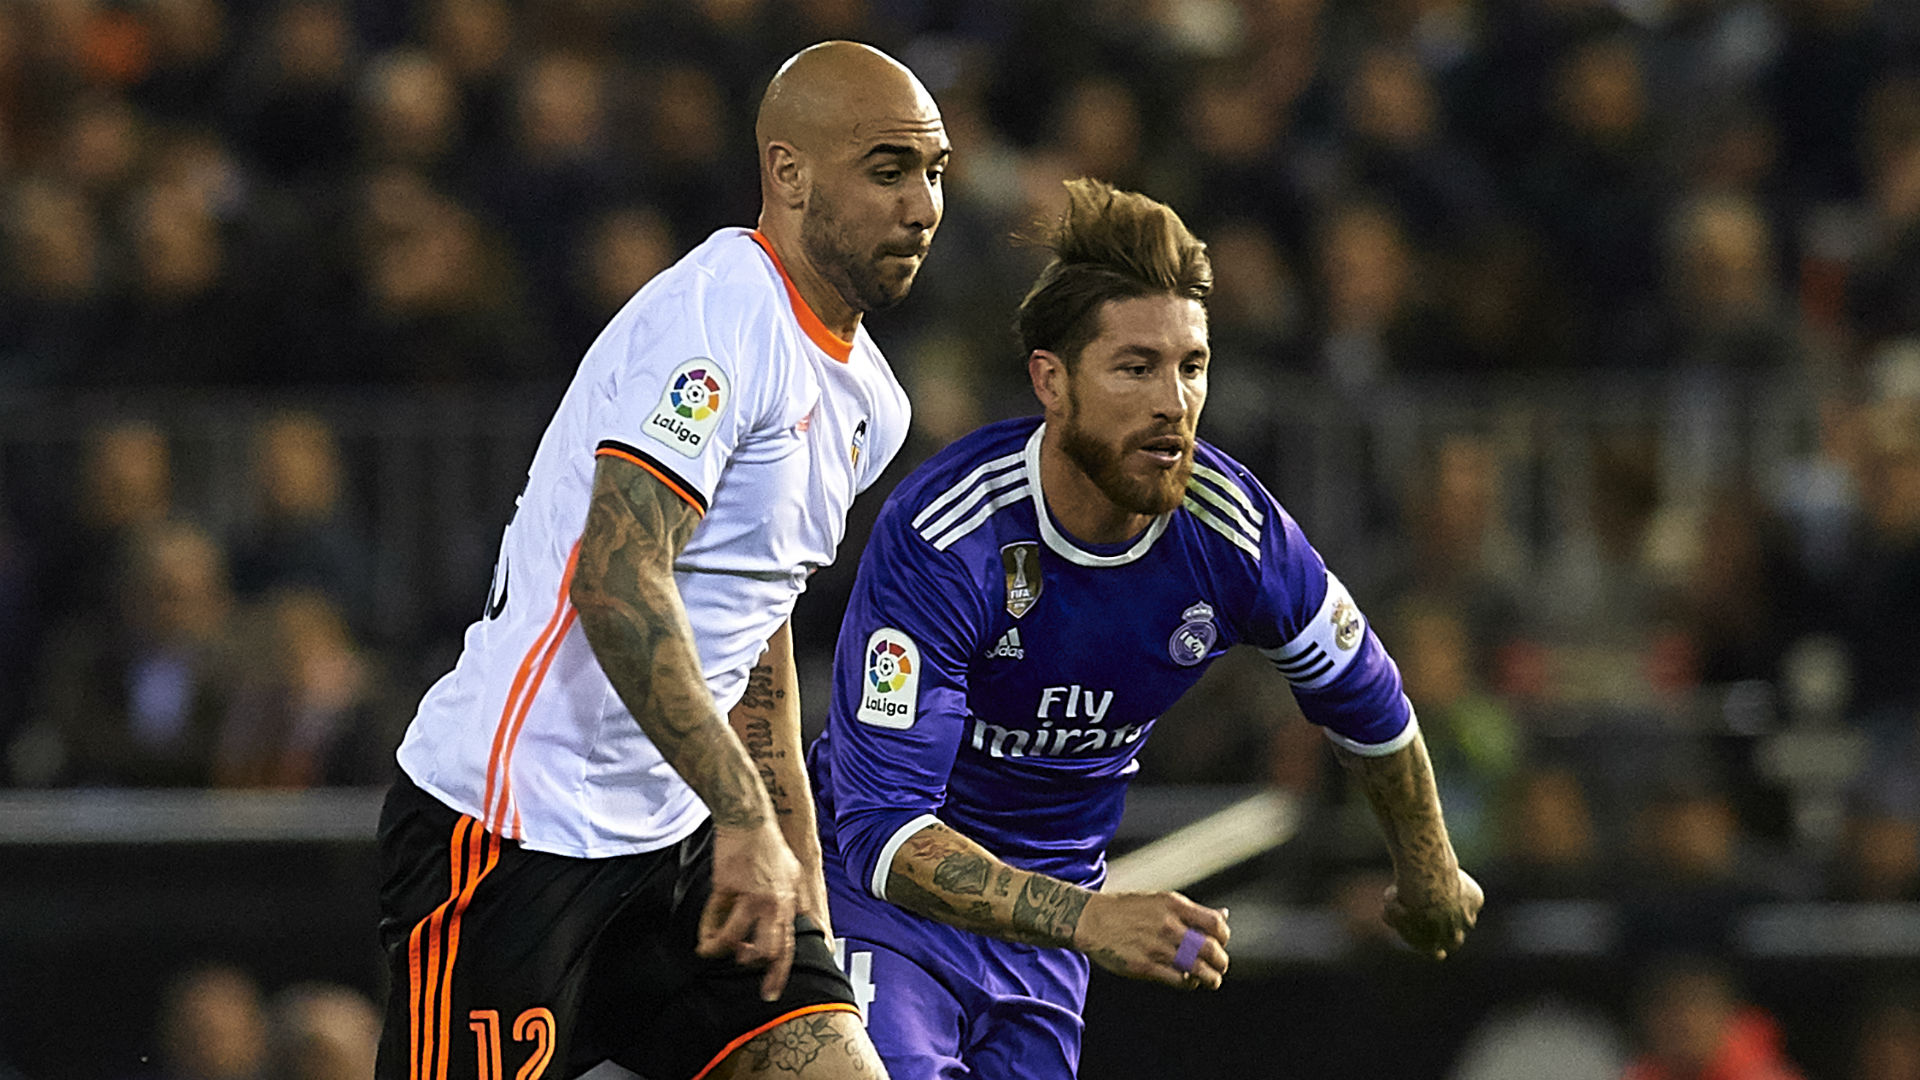 Simone Zaza Sergio Ramos Valencia Real Madrid LaLiga